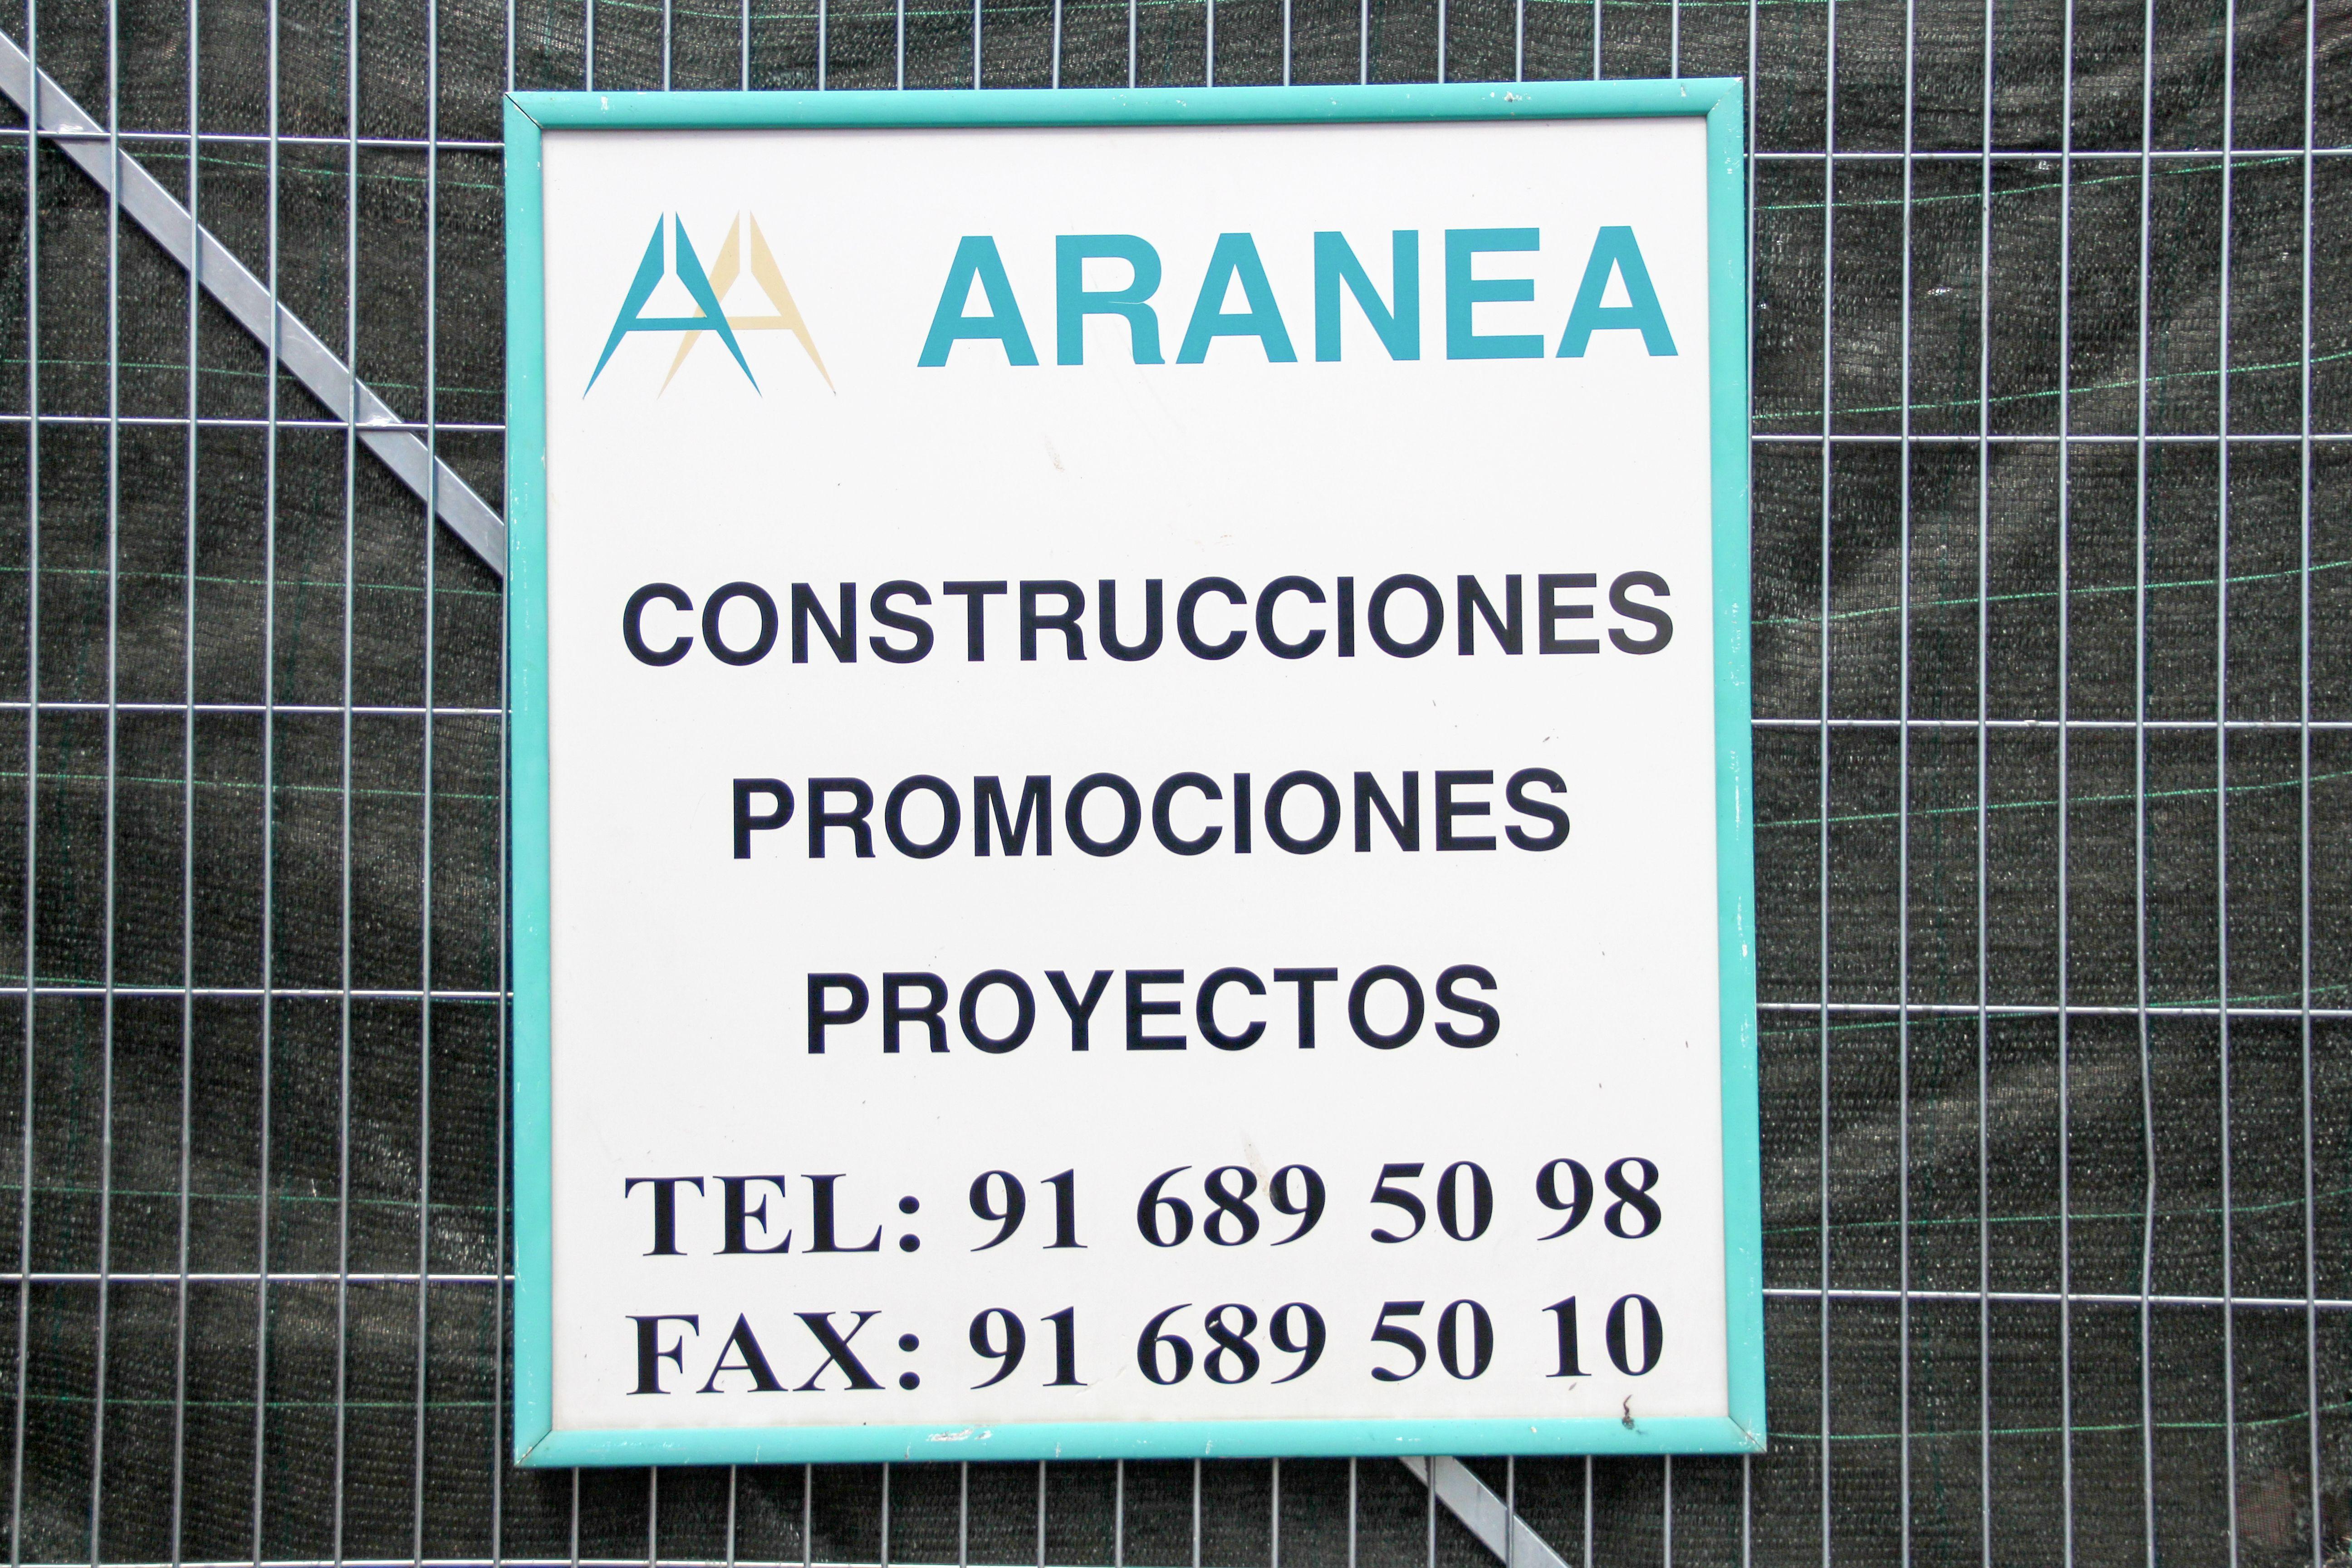 En Aranea realizamos reformas inetgrales